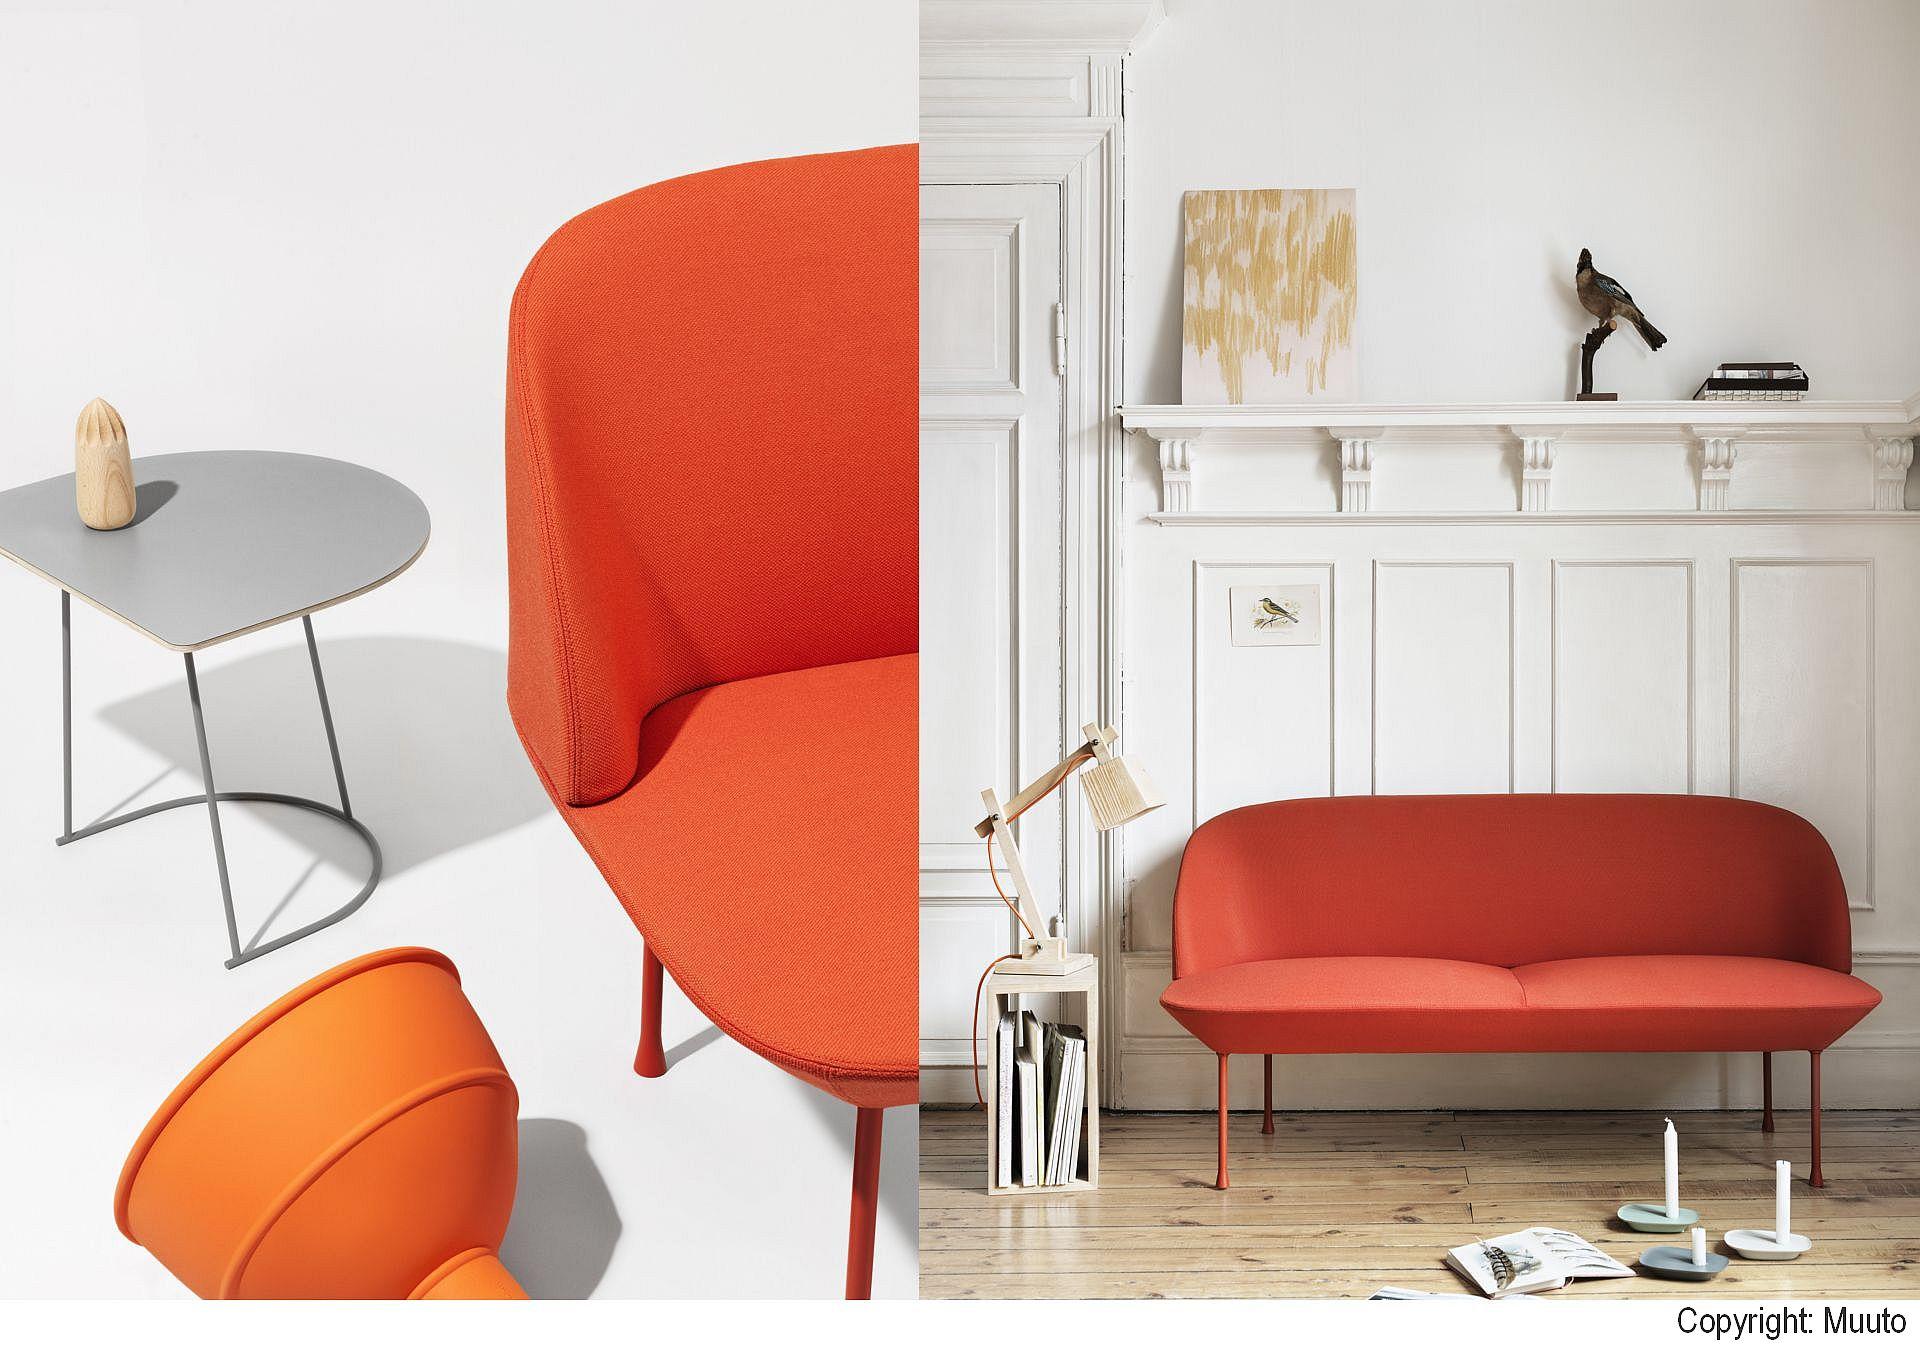 Full Size of Muuto Connect Sofa Pris Outline 3 Seater Uk Review 2 Furniture Sale Rest Table Compose Modular Design Das Oslo Mit Bezgen Von Kvadrat Ahoi 7 Mega Cassina Sofa Muuto Sofa